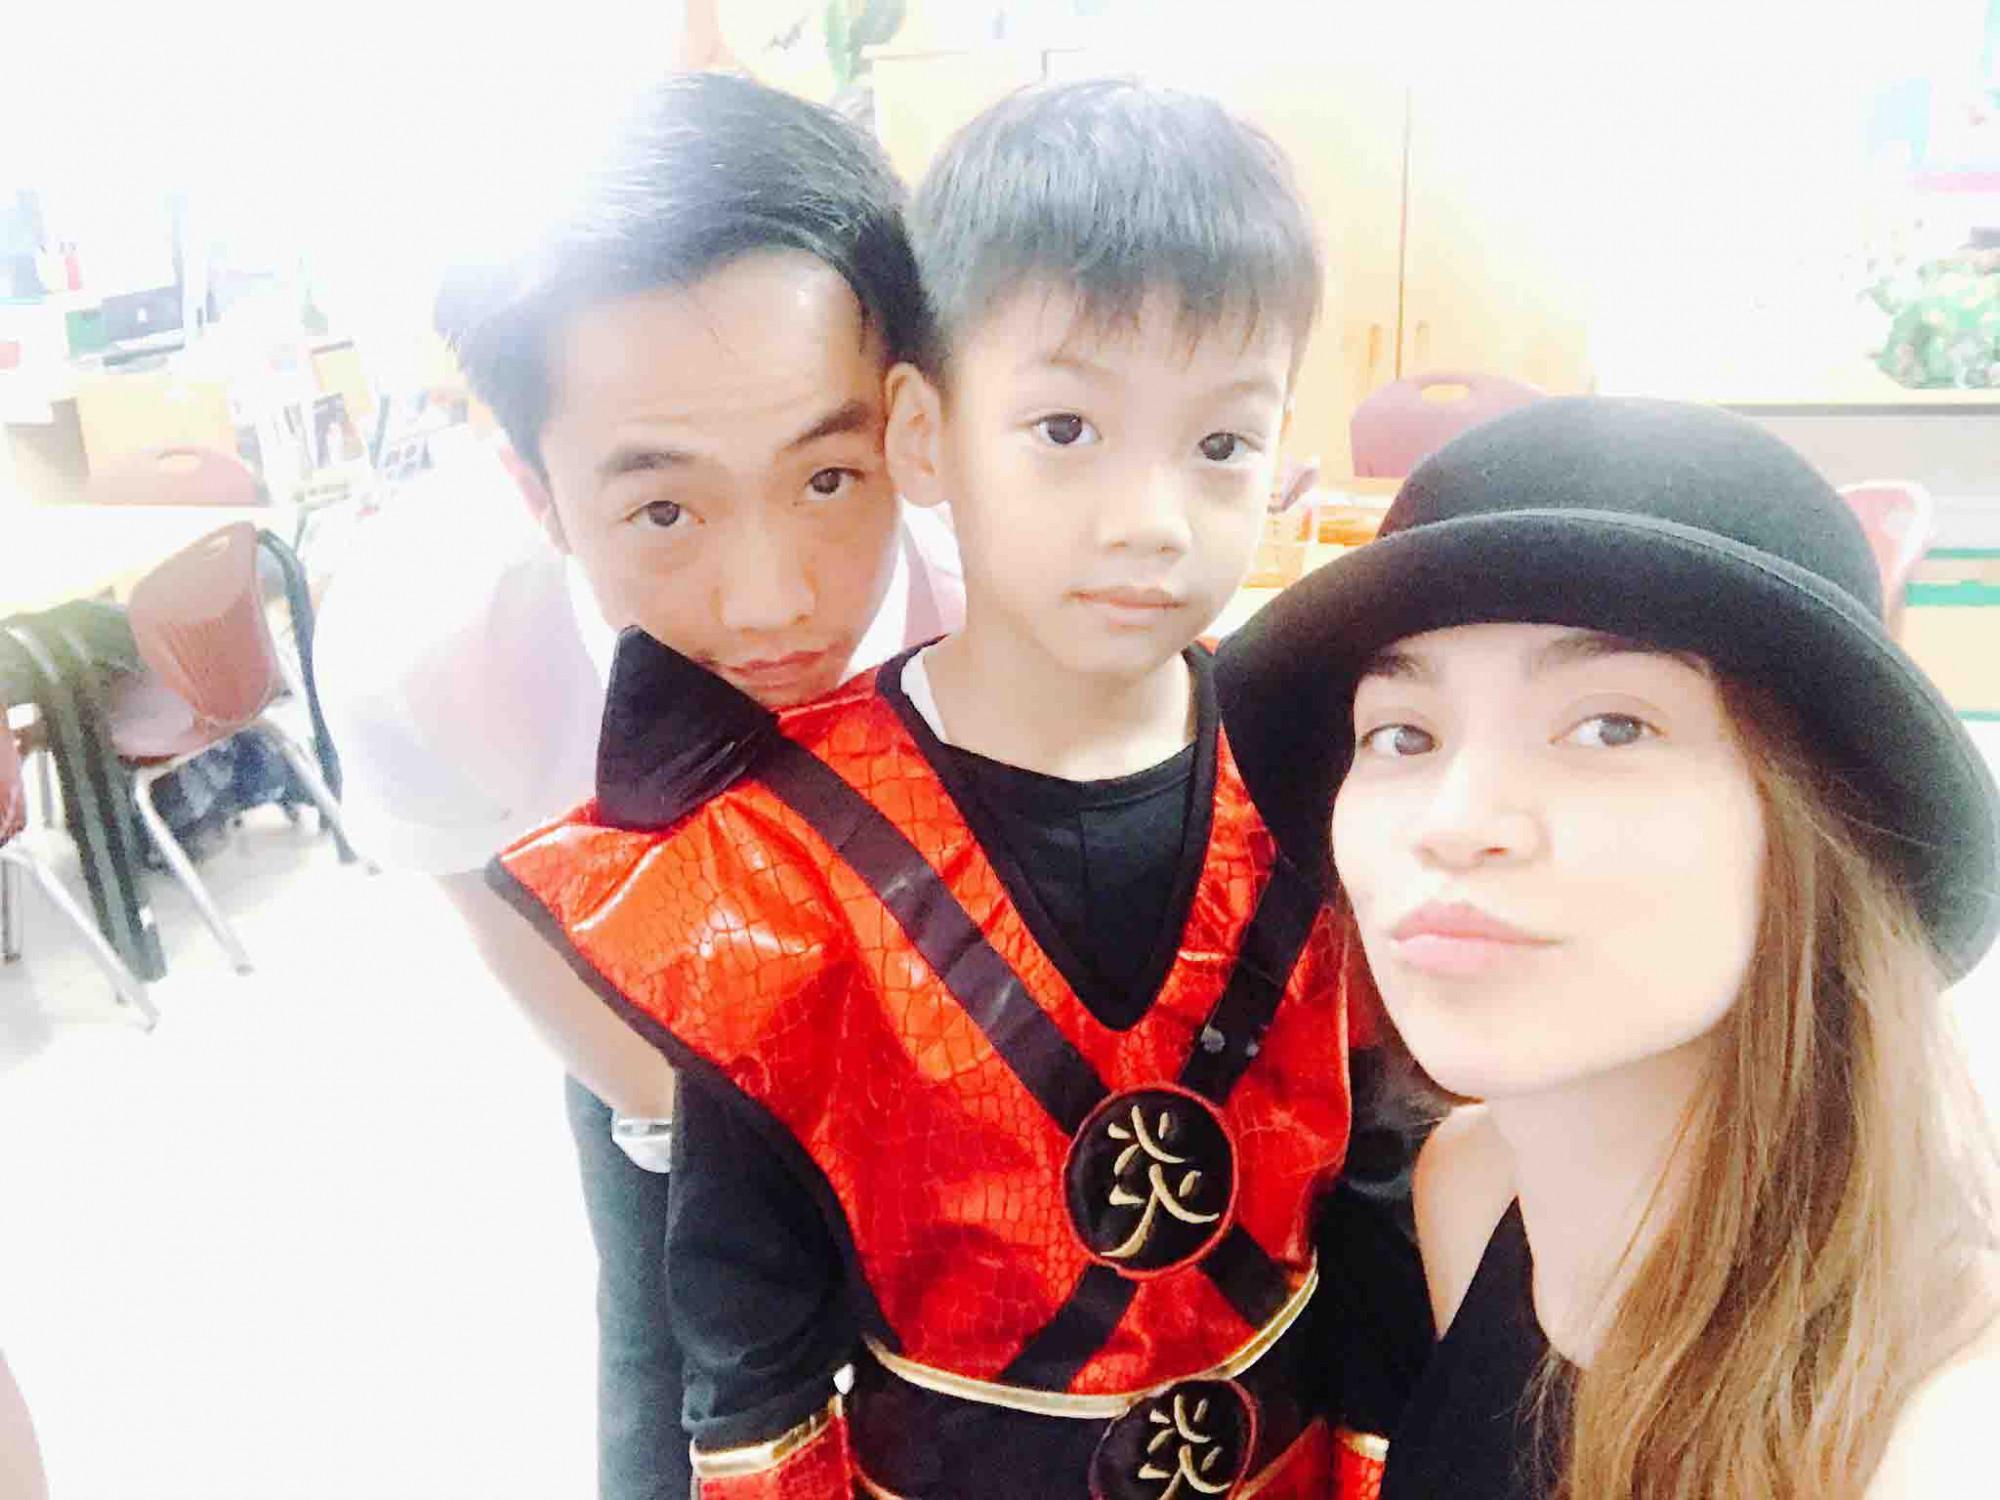 Ca sĩ Hồ Ngọc Hà và doanh nhân Cường Đô-la vẫn hoan hỉ trong mỗi lần gặp mặt.